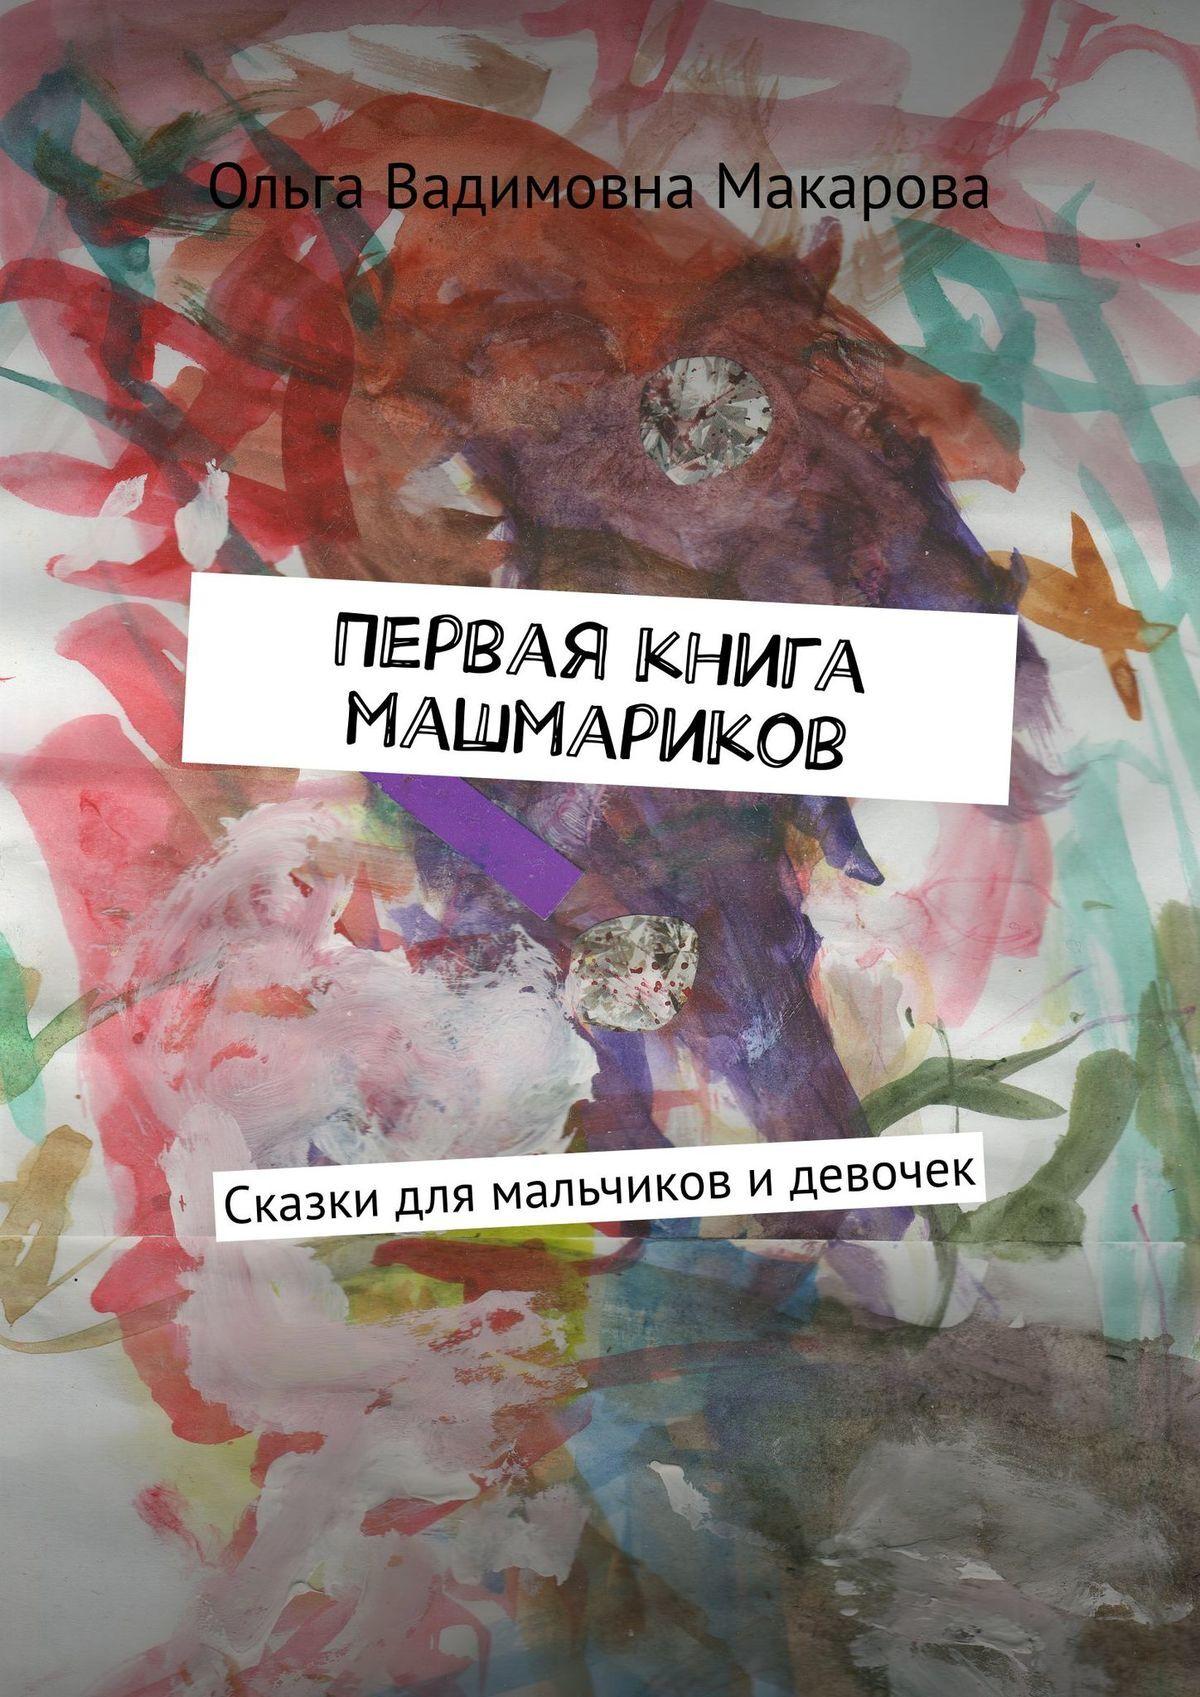 Ольга Вадимовна Макарова Первая книга машмариков. Сказки для мальчиков идевочек